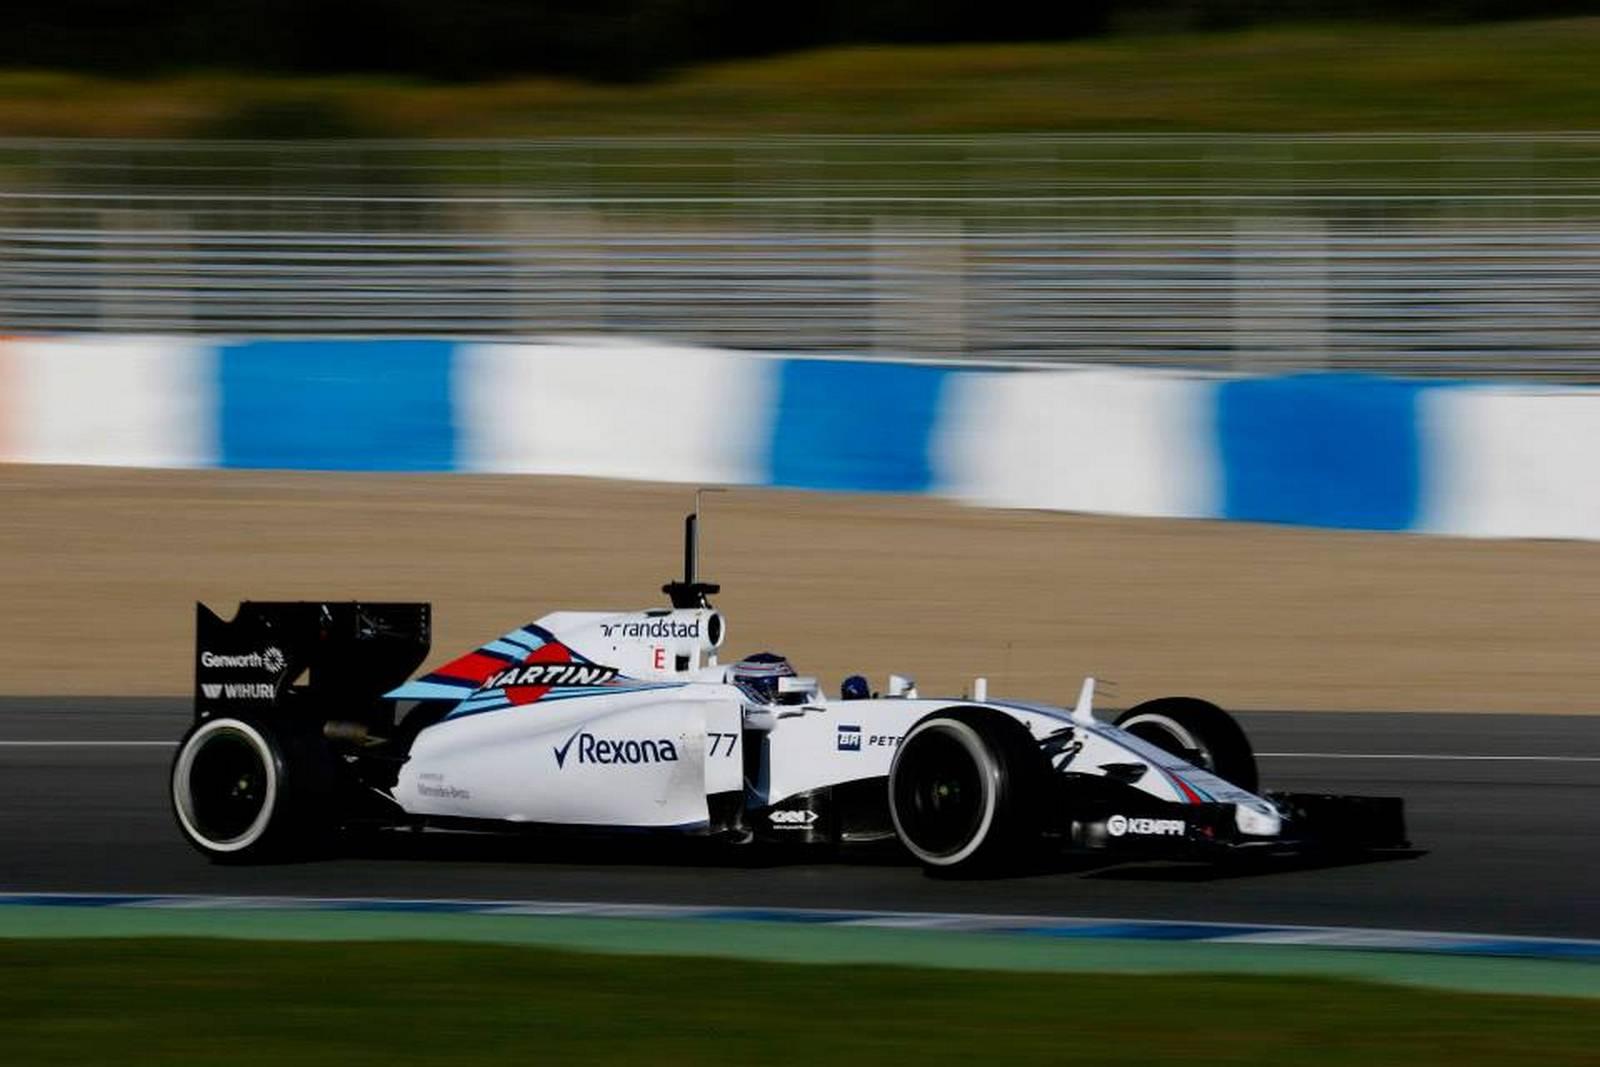 Formula 1: Vettel Fastest Again for Ferrari on Day 2 Jerez Test